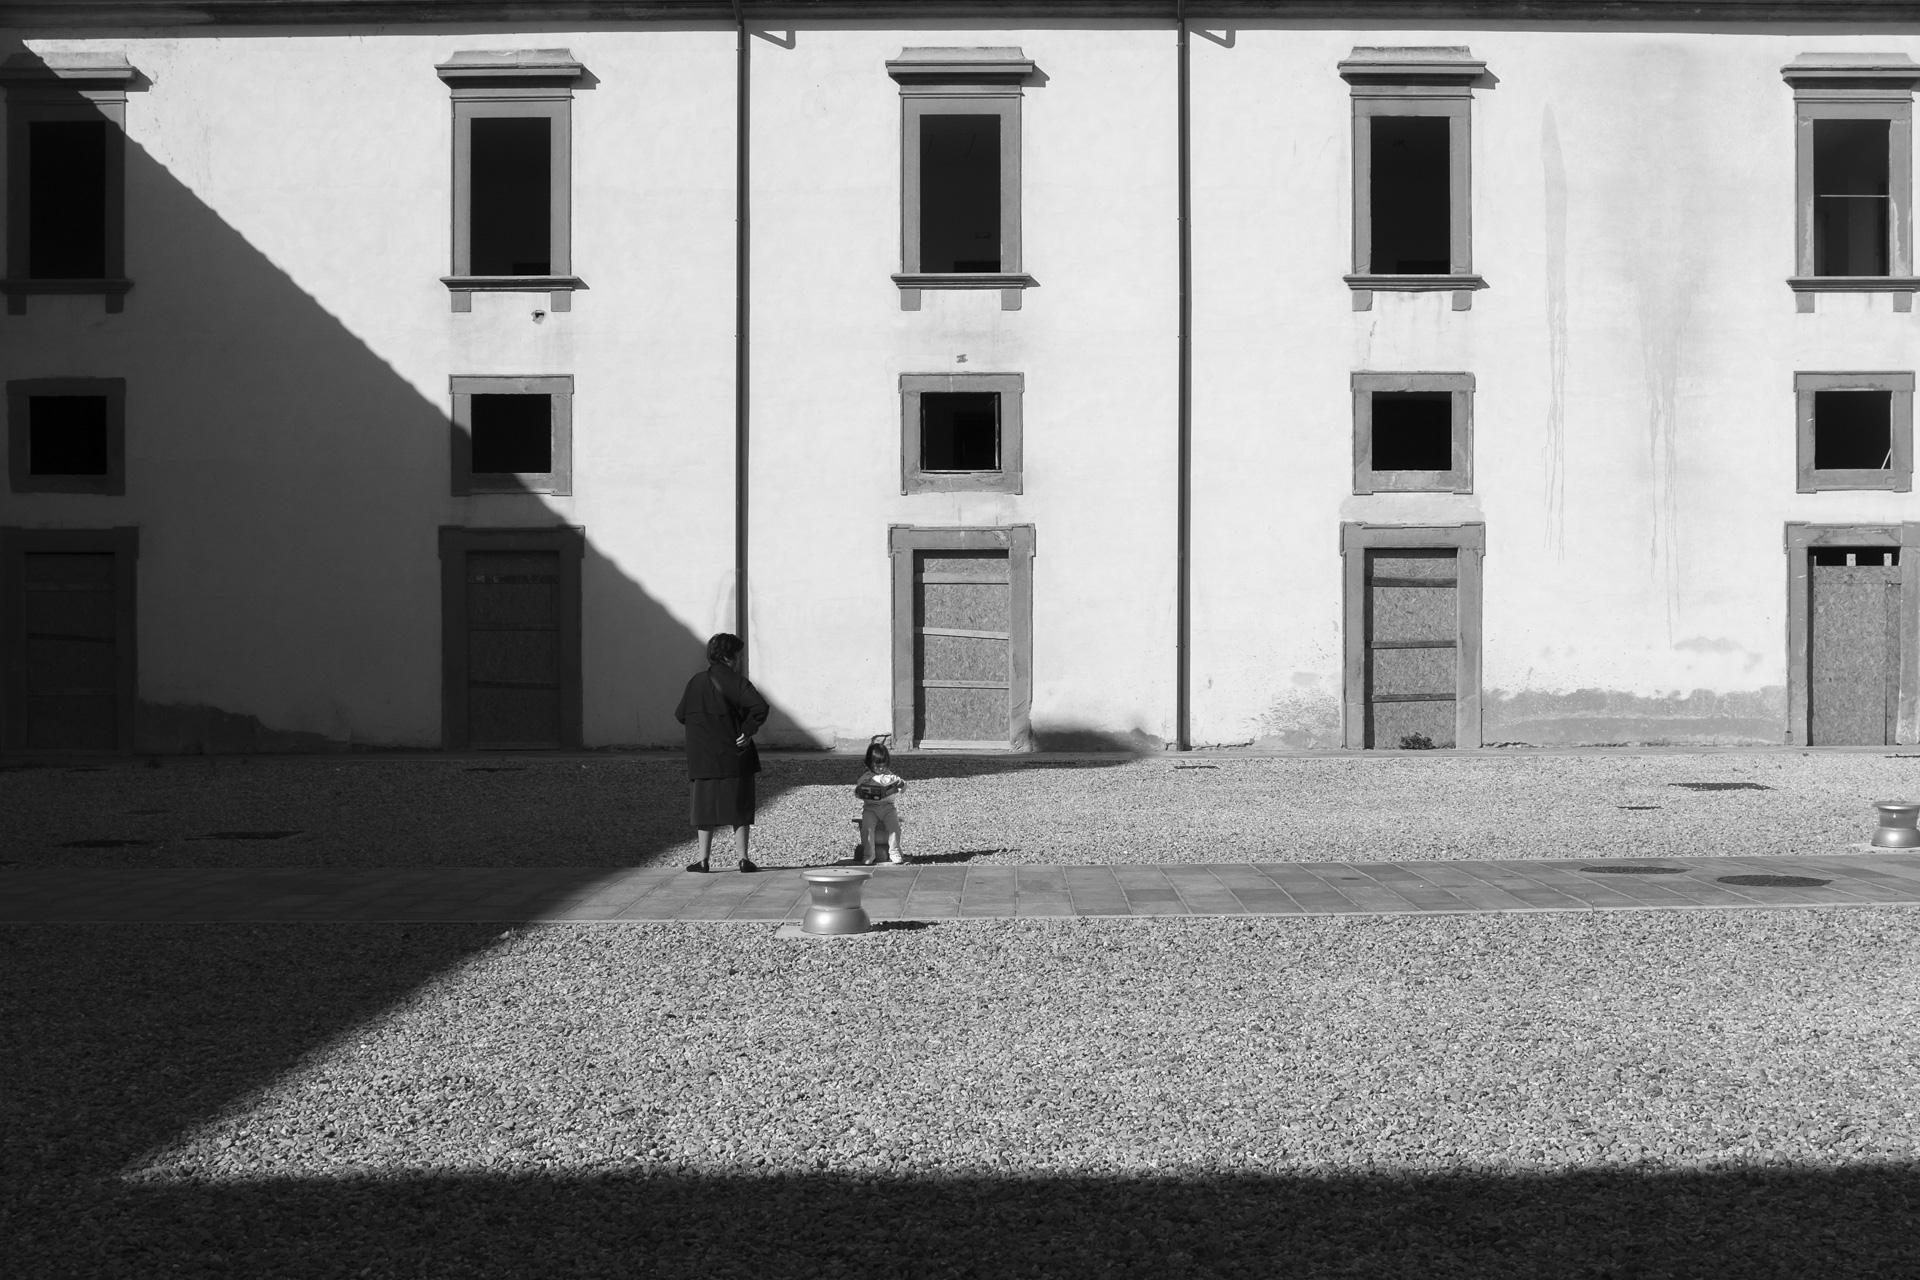 Sesto Fiorentino, 2010